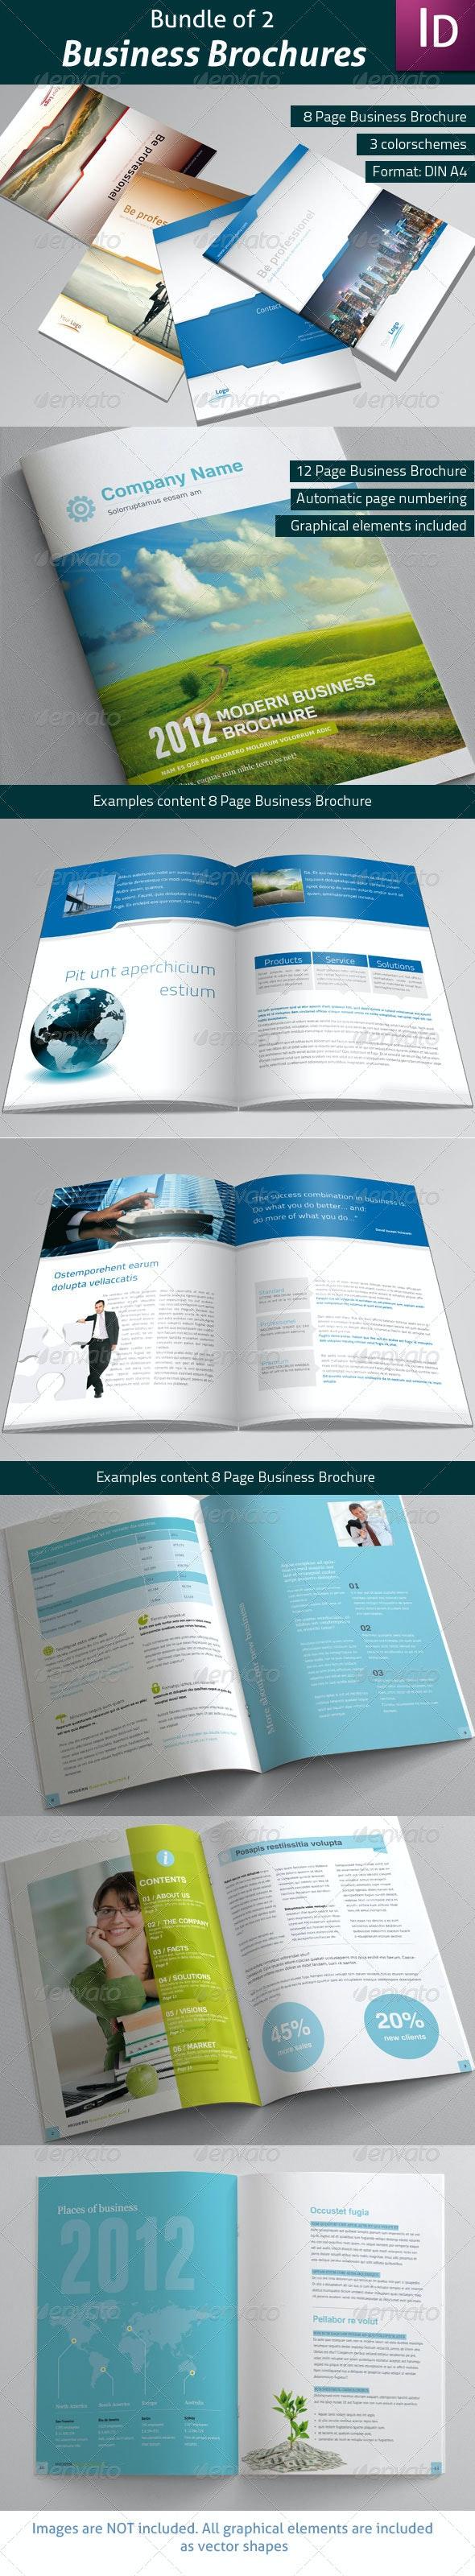 Bundle of 2 Business Brochures - Corporate Brochures